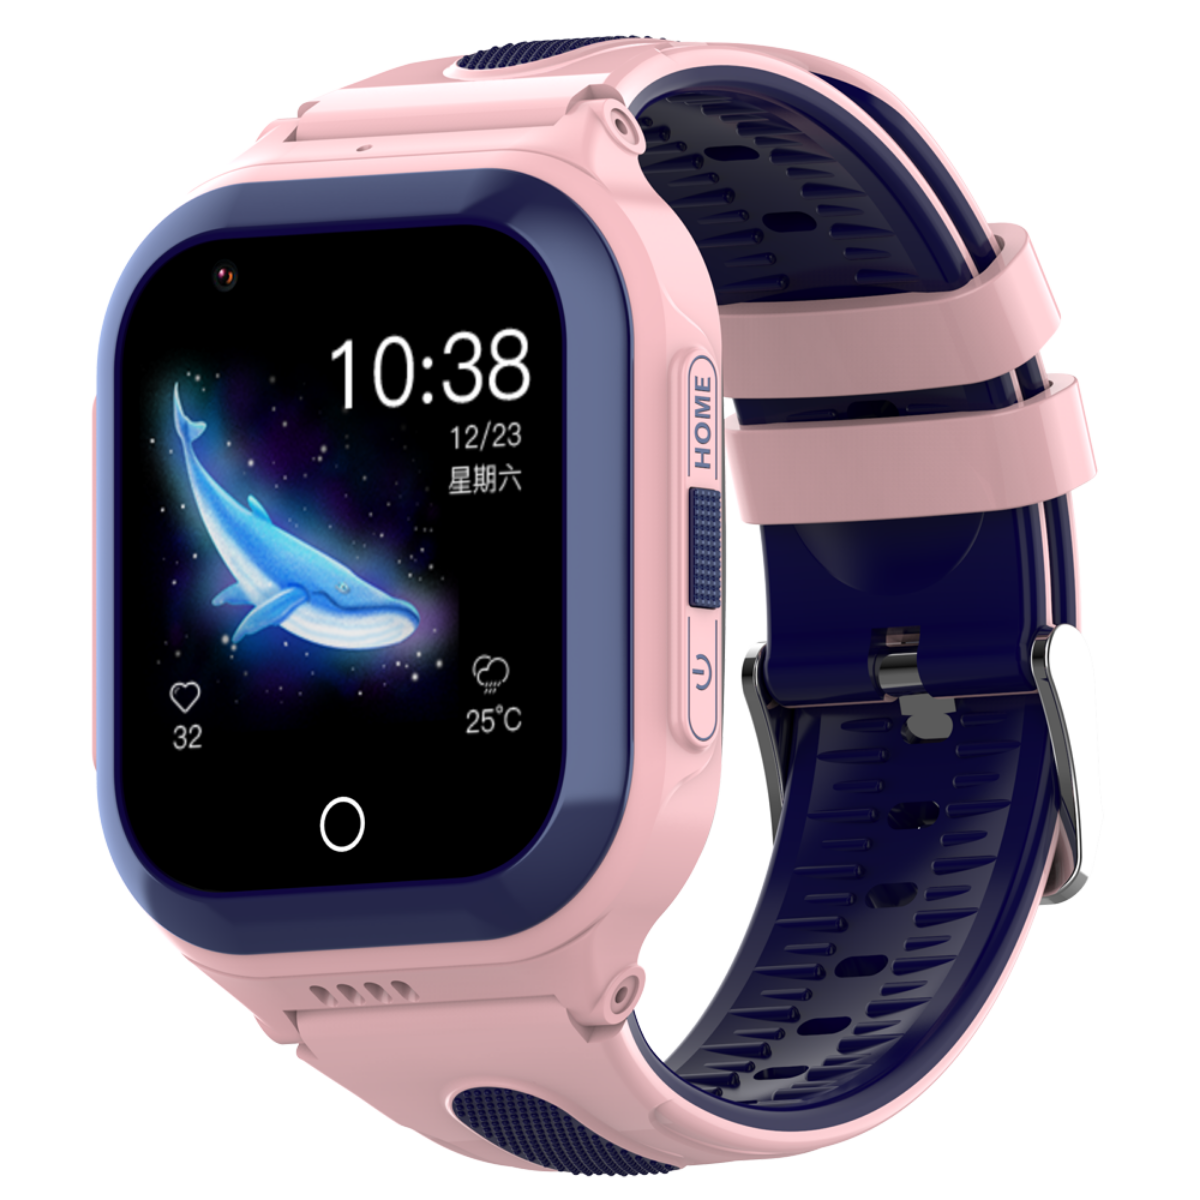 Видеочасы и часы-телефоны с GPS Wonlex KT24S (часы-телефон SIM, GPS+LBS+WiFi, видеозвонок, чат, SOS, скрытый звонок, виброрежим) KT24S_for_OZON___19_.png